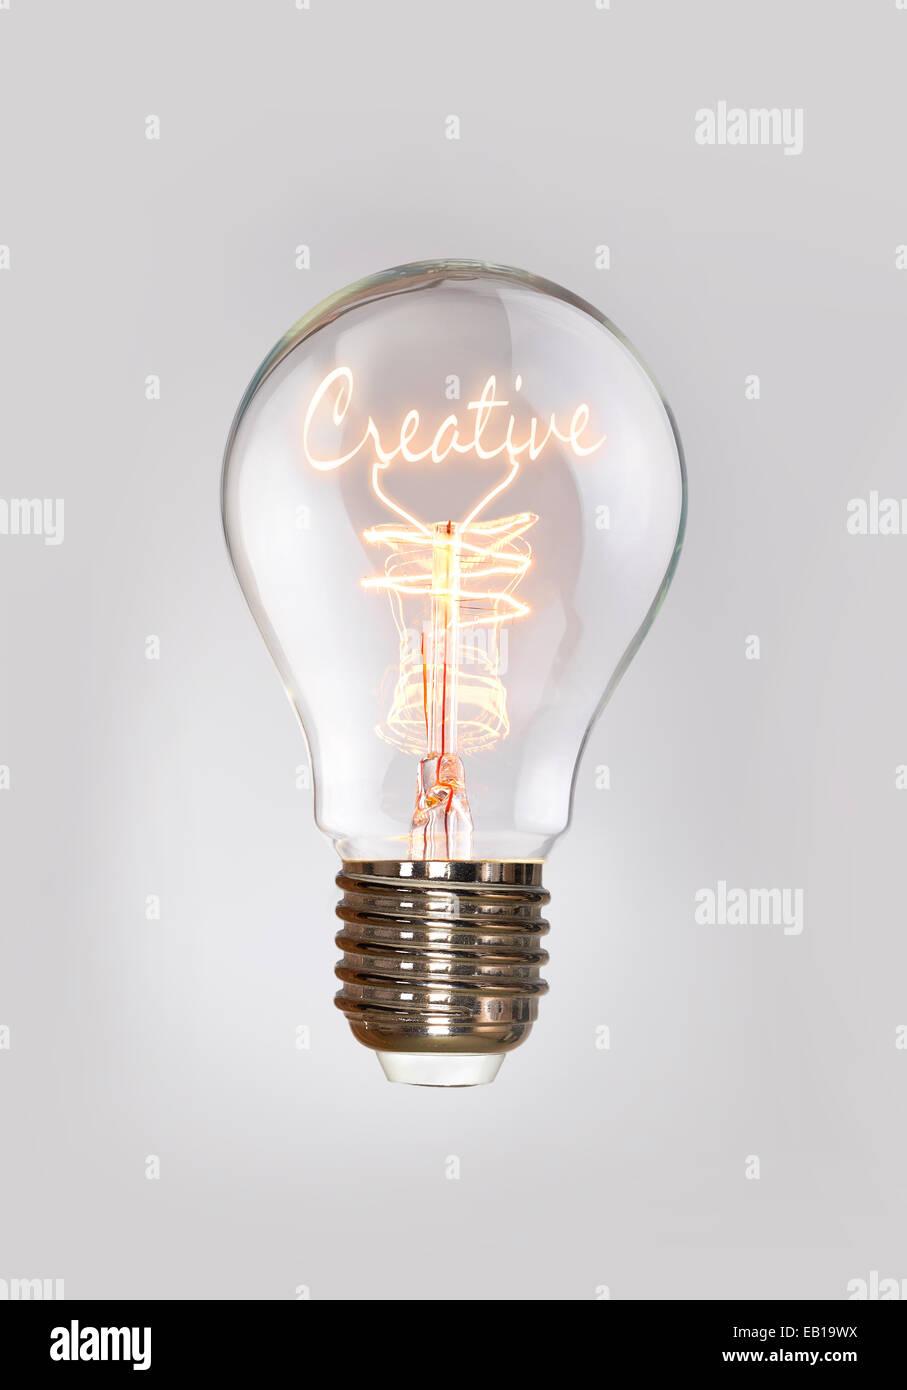 El concepto creativo en una bombilla de filamento. Imagen De Stock